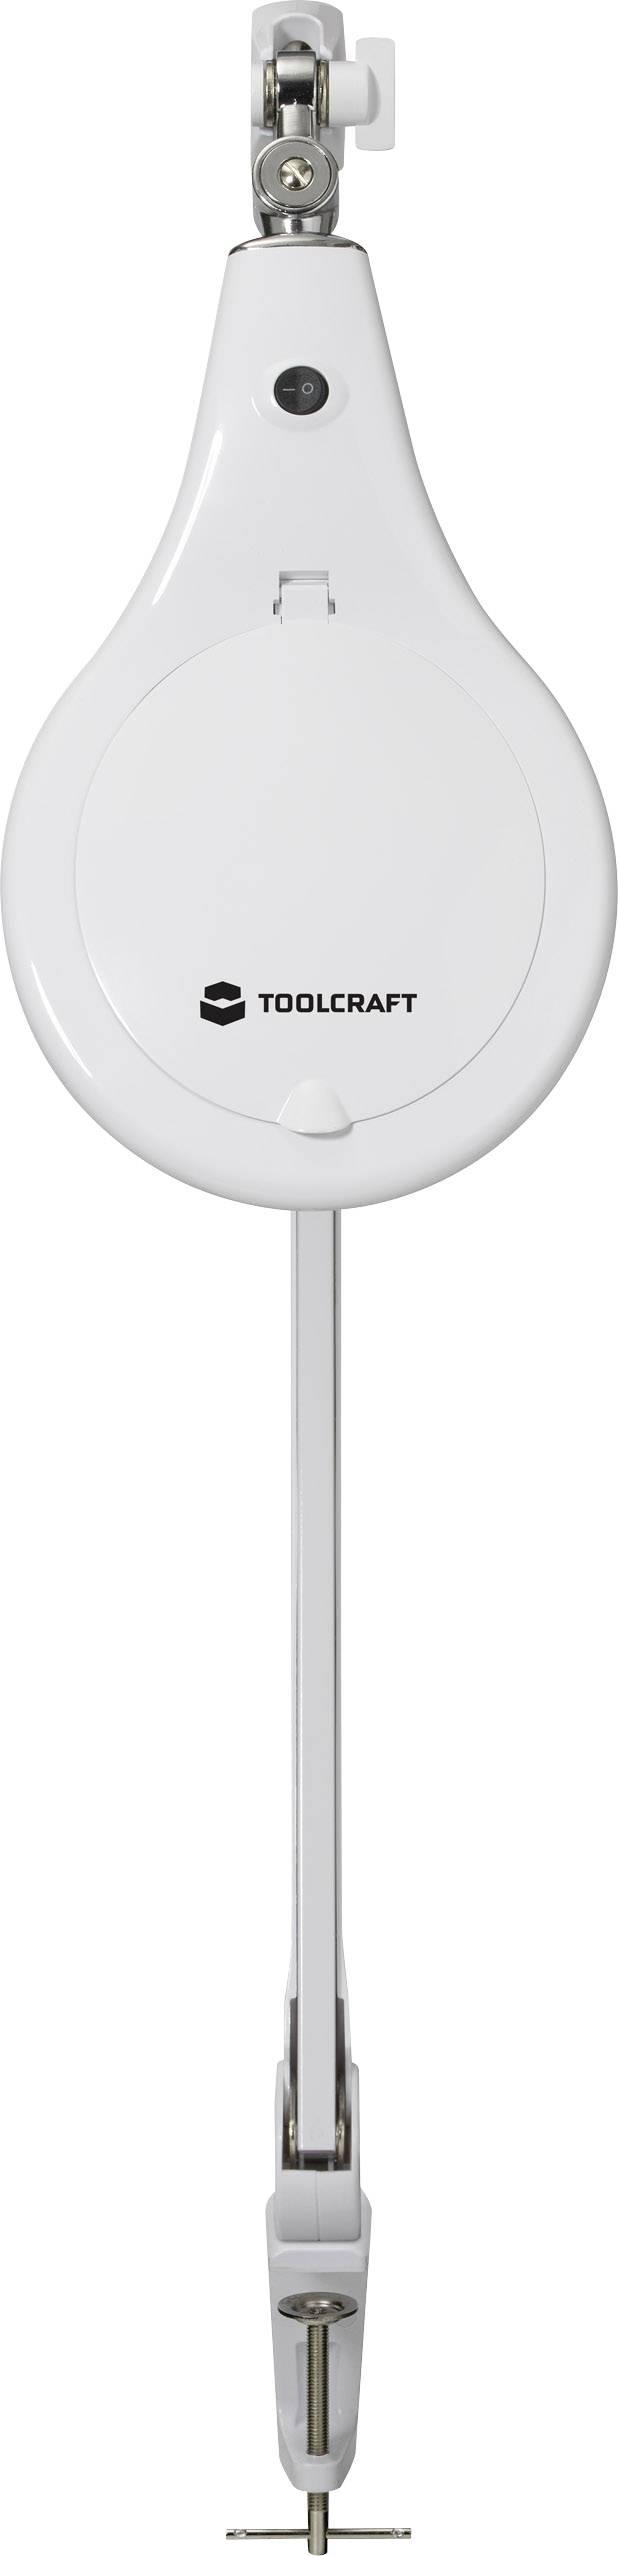 Lupa s LED osvětlením Toolcraft, 127 mm, 8 W